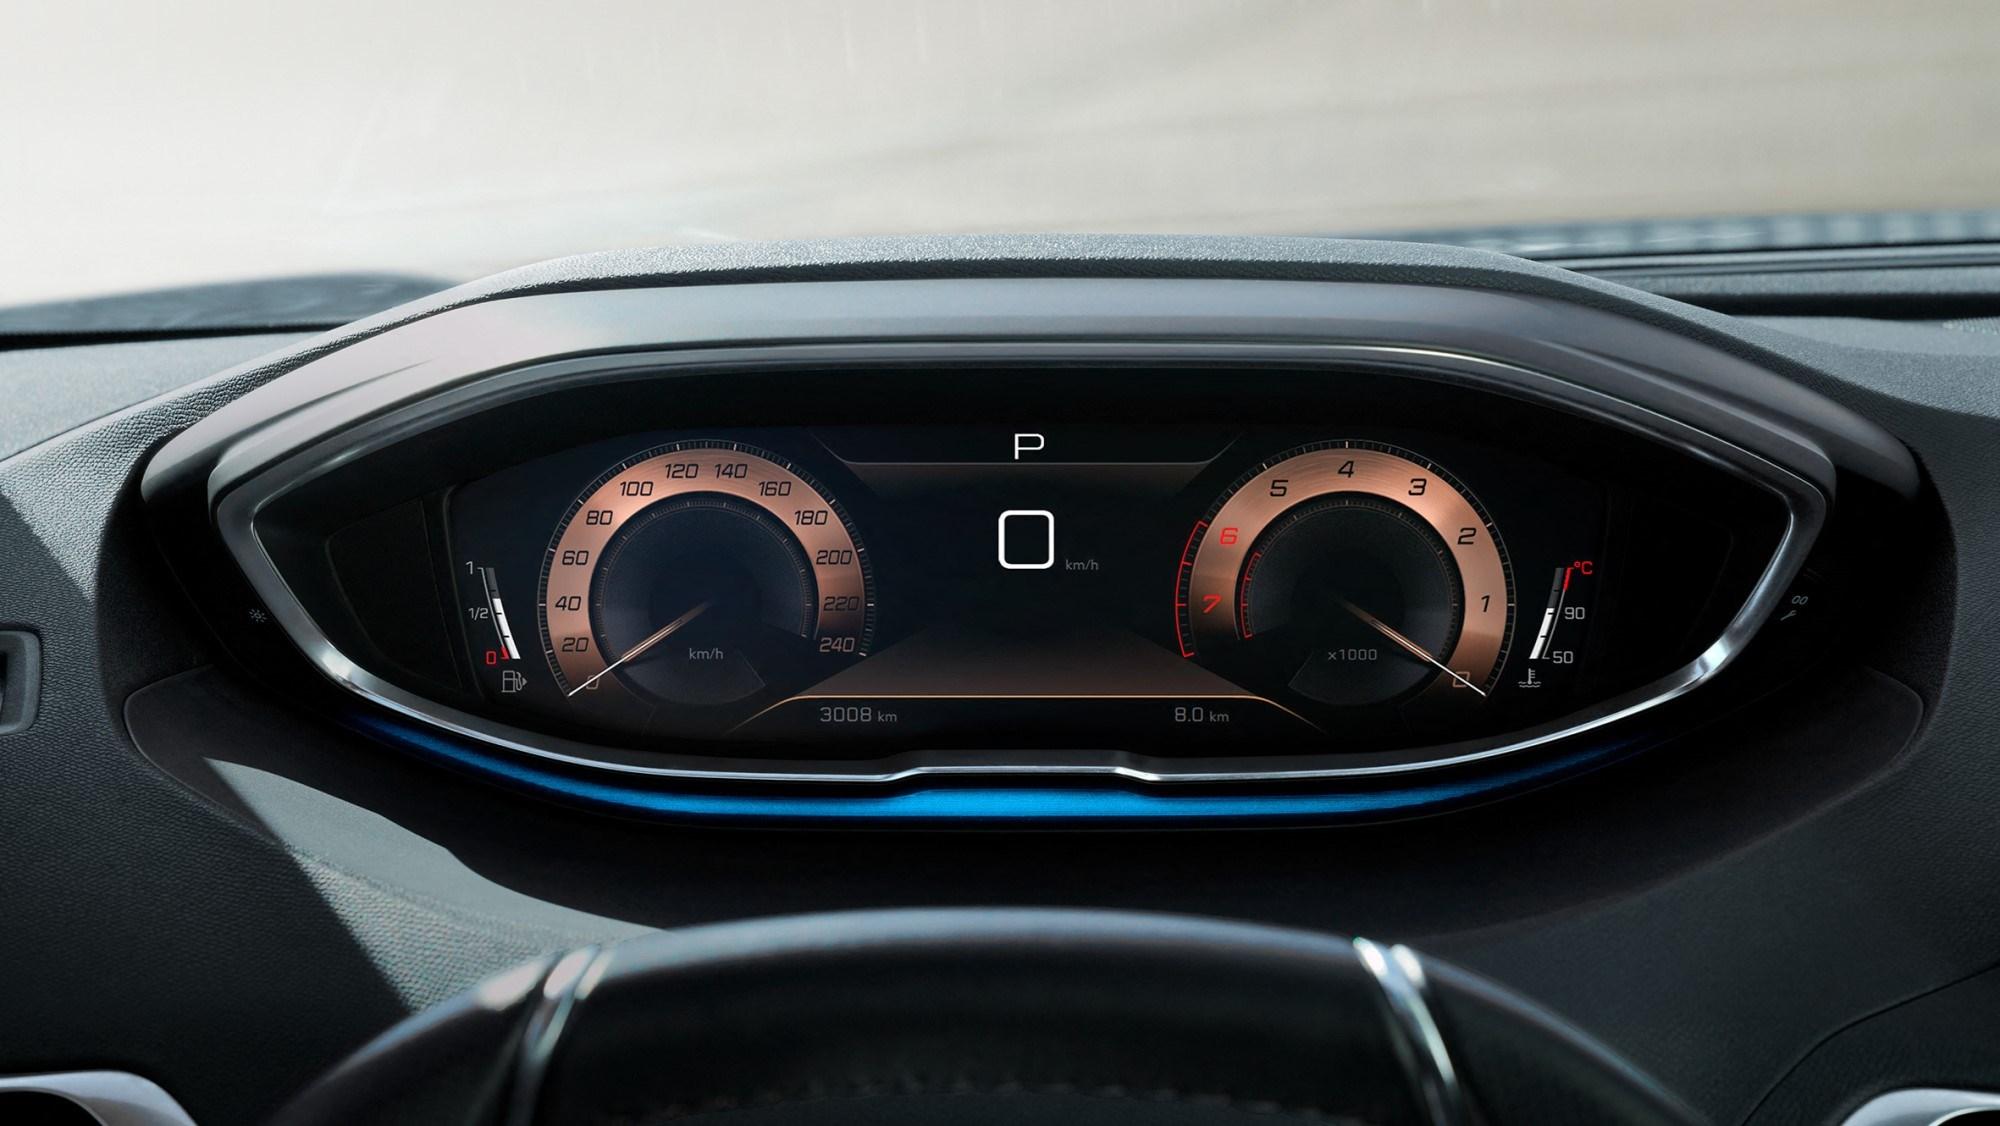 2020 Peugeot 3008 - dials